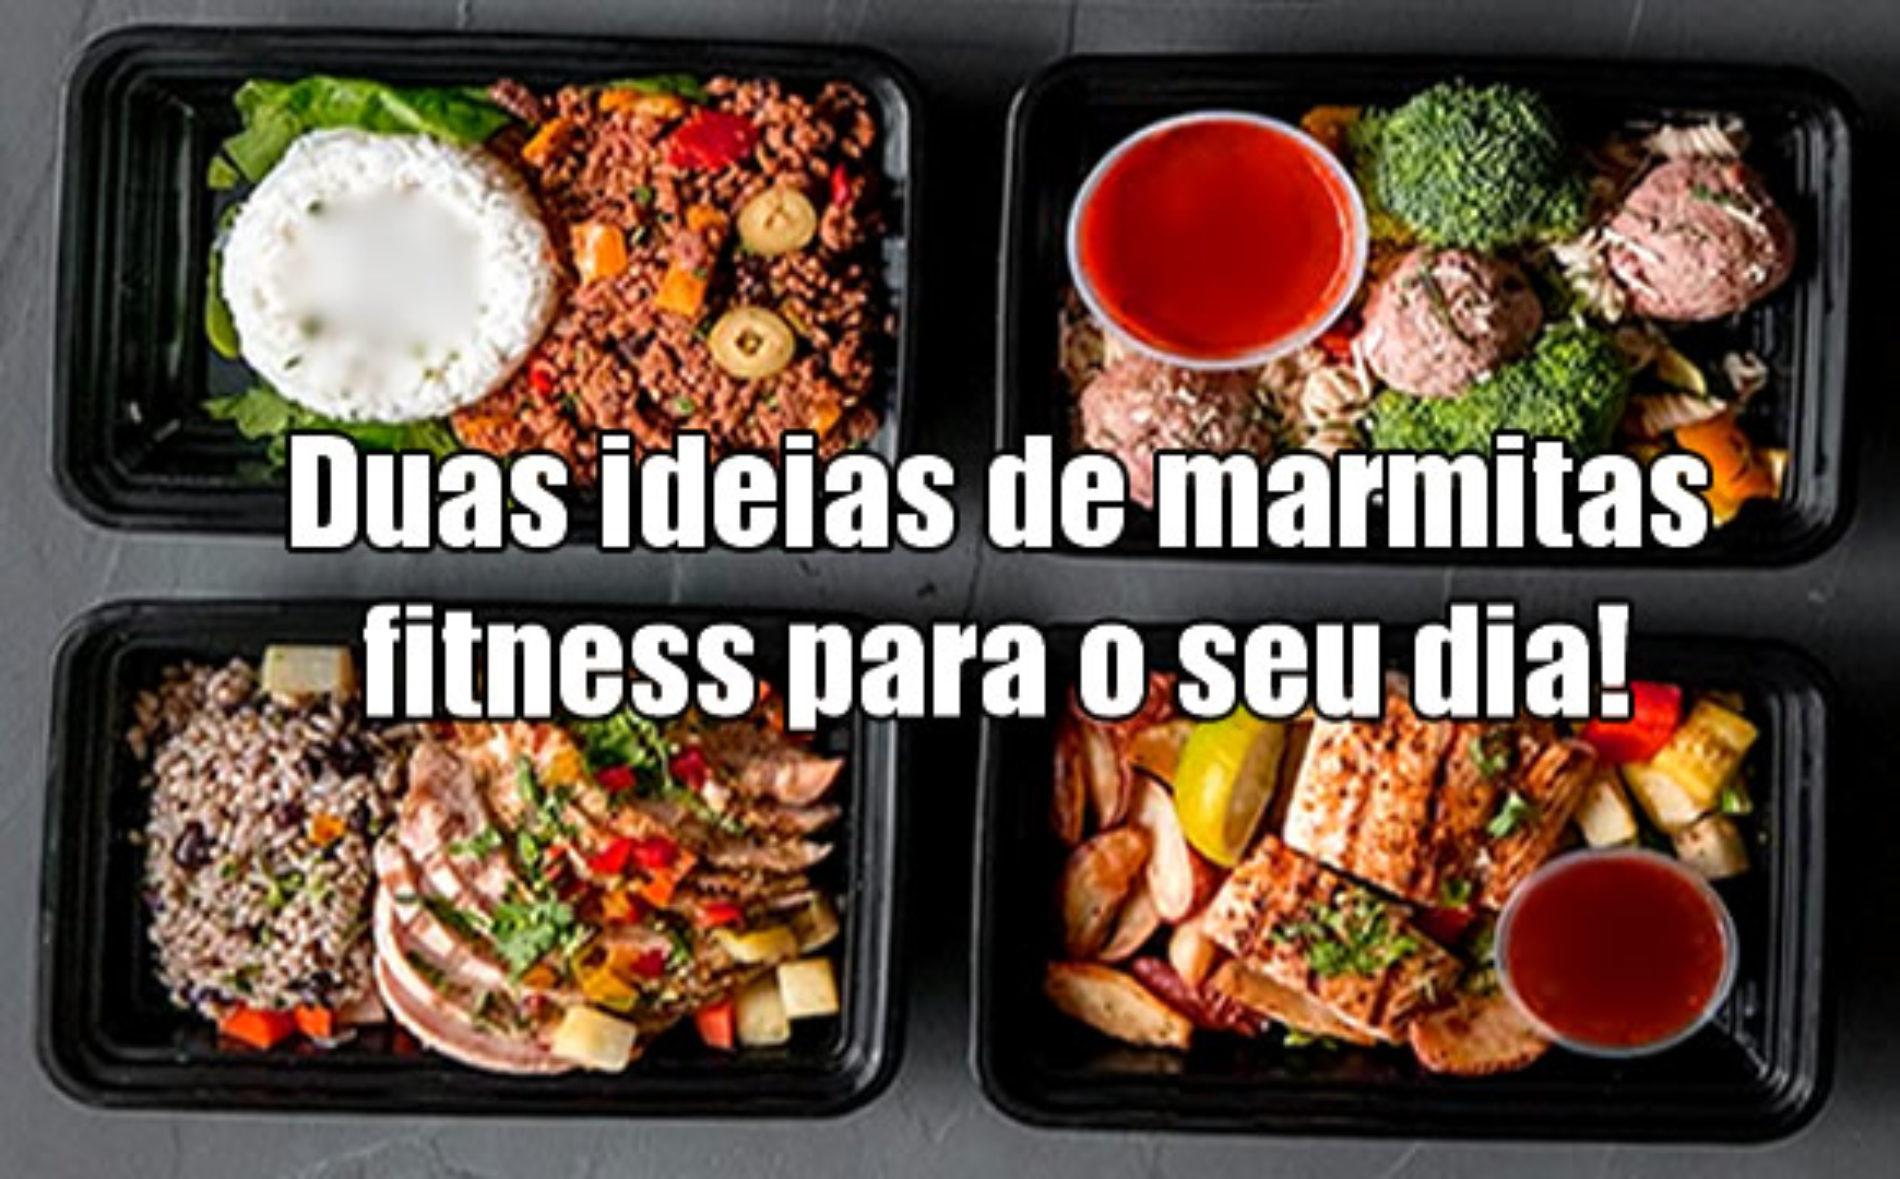 Duas ideias de marmita fitness para sua semana